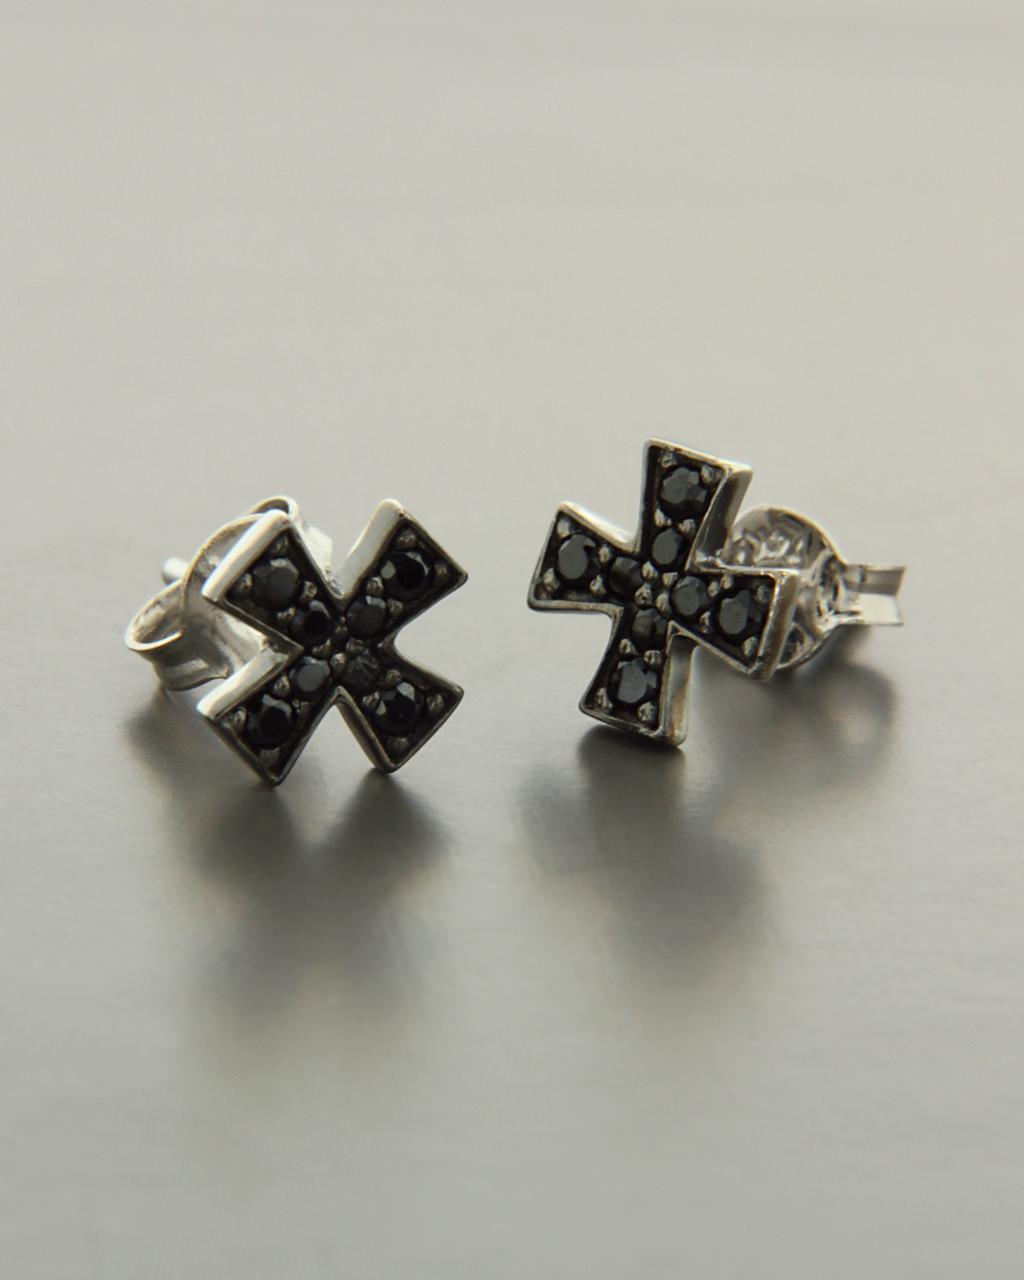 Σκουλαρίκια σταυροί λευκόχρυσα Κ14 με Ζιργκόν   γυναικα σκουλαρίκια σκουλαρίκια λευκόχρυσα